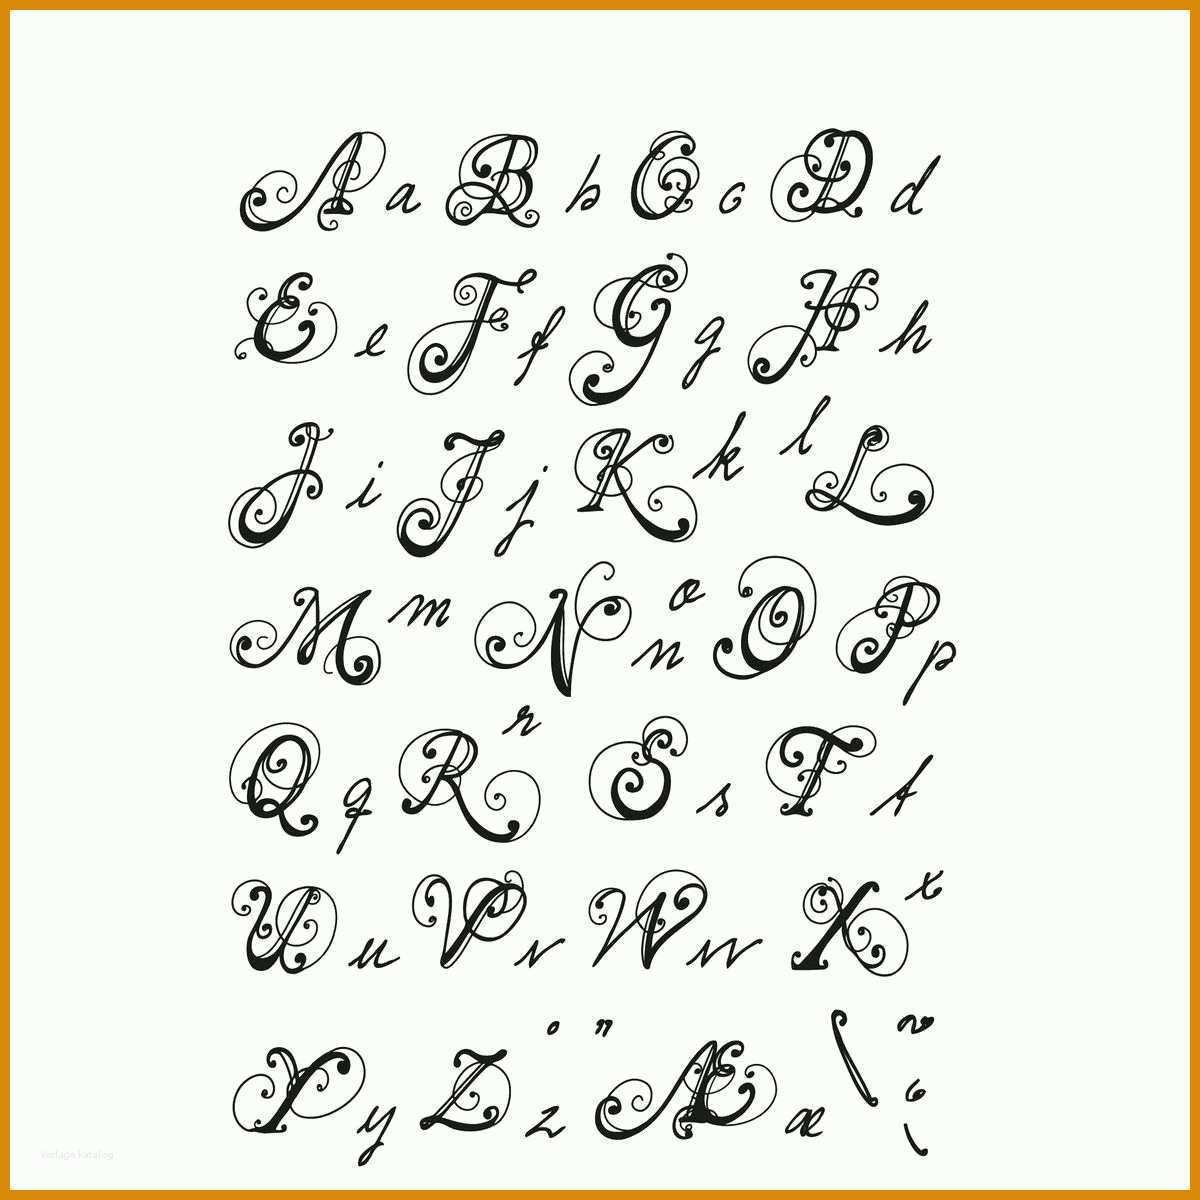 Pin Von Frau M Auf Gestalten Buchstaben Vorlagen Zum Ausdrucken Kleine Tattoos Frauen Tattoos Frauen